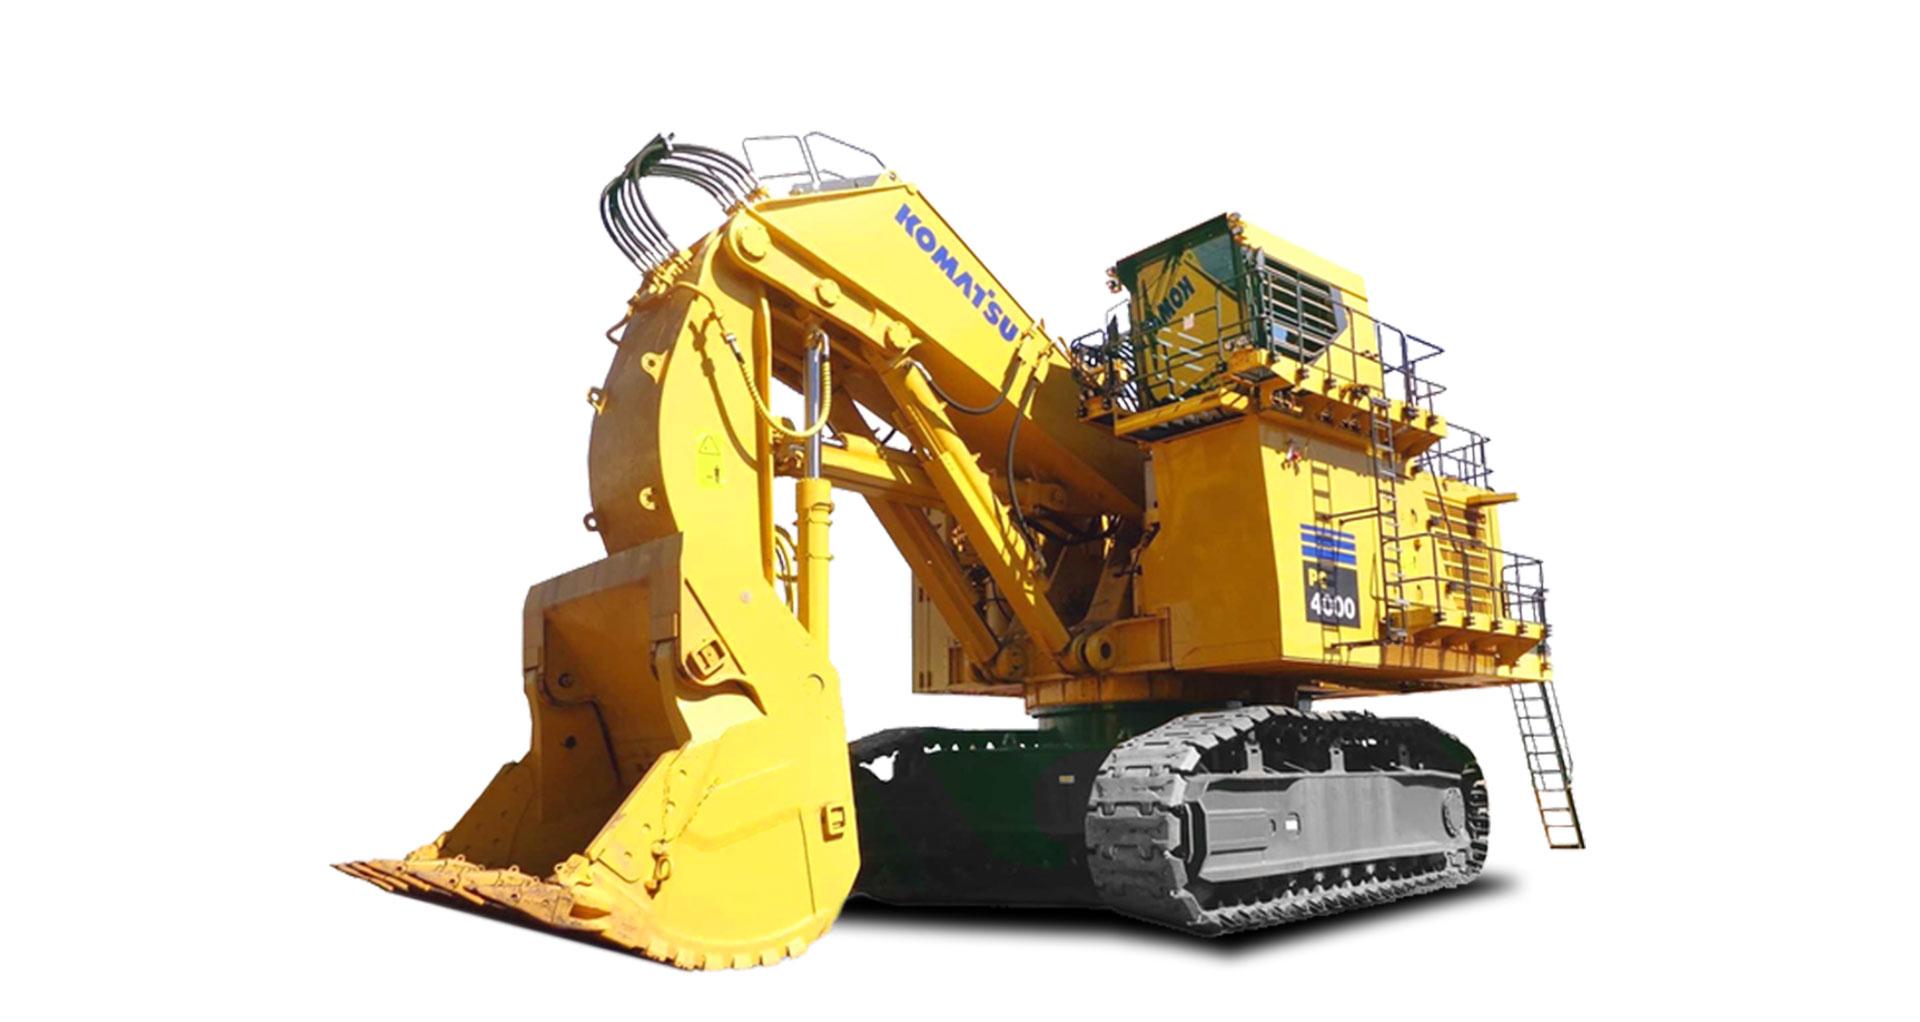 Escavatore idraulico da miniera Komatsu PC4000-6